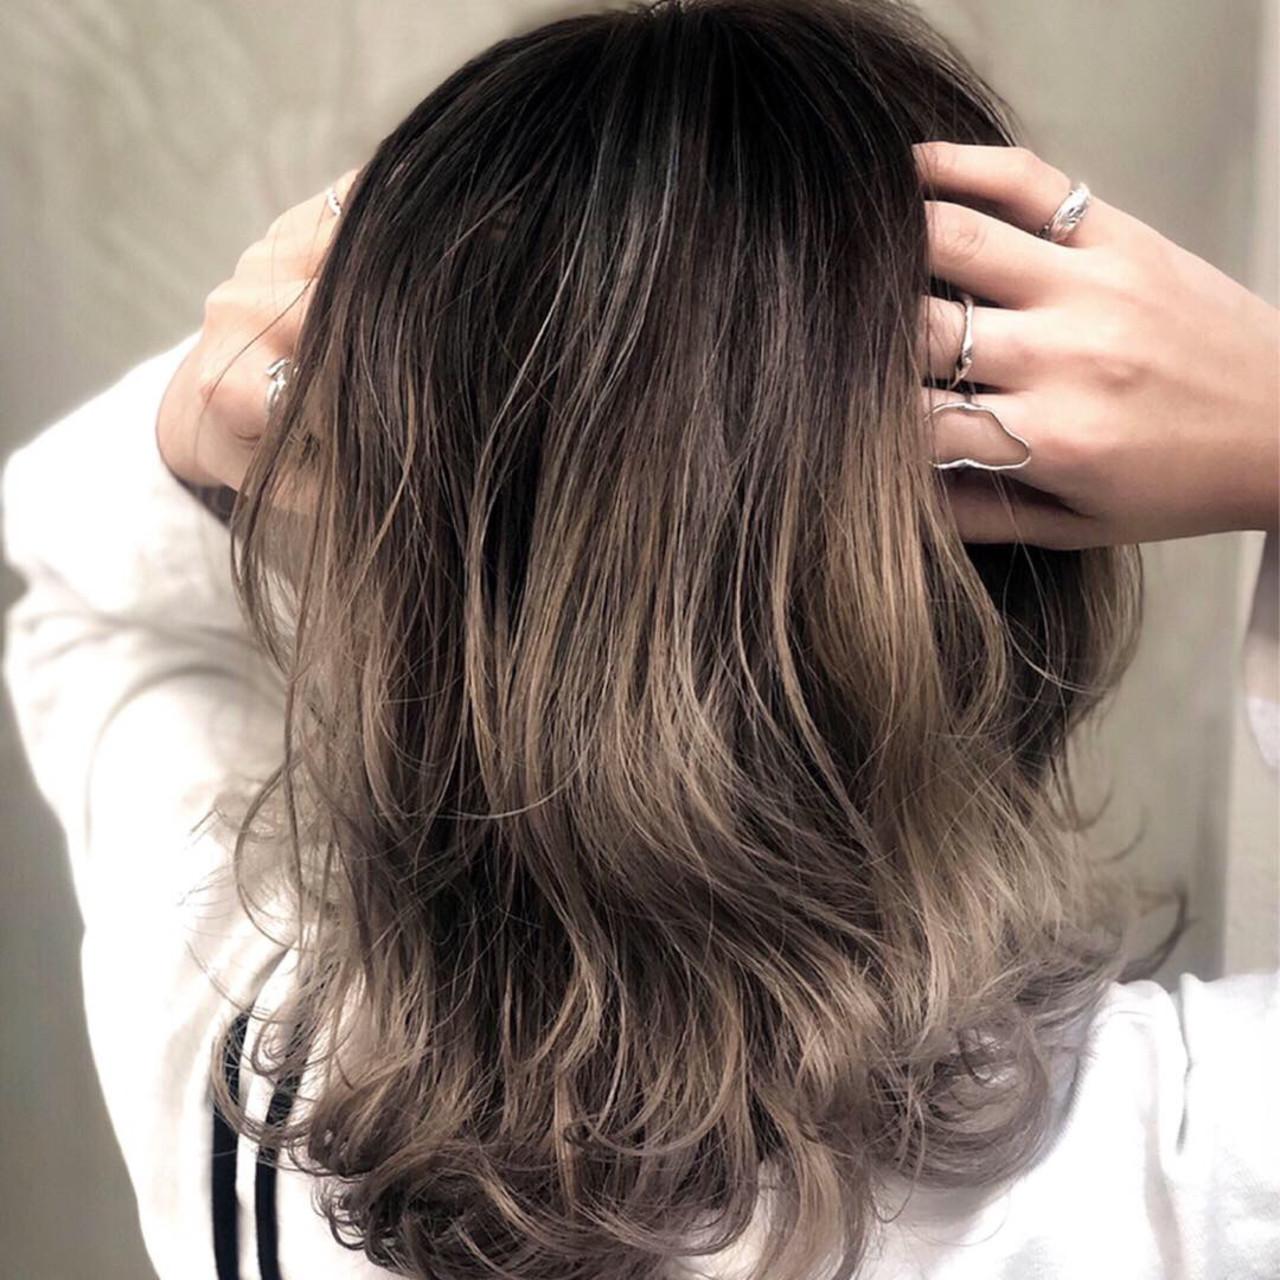 イルミナカラー 表参道 外国人風カラー ストリート ヘアスタイルや髪型の写真・画像